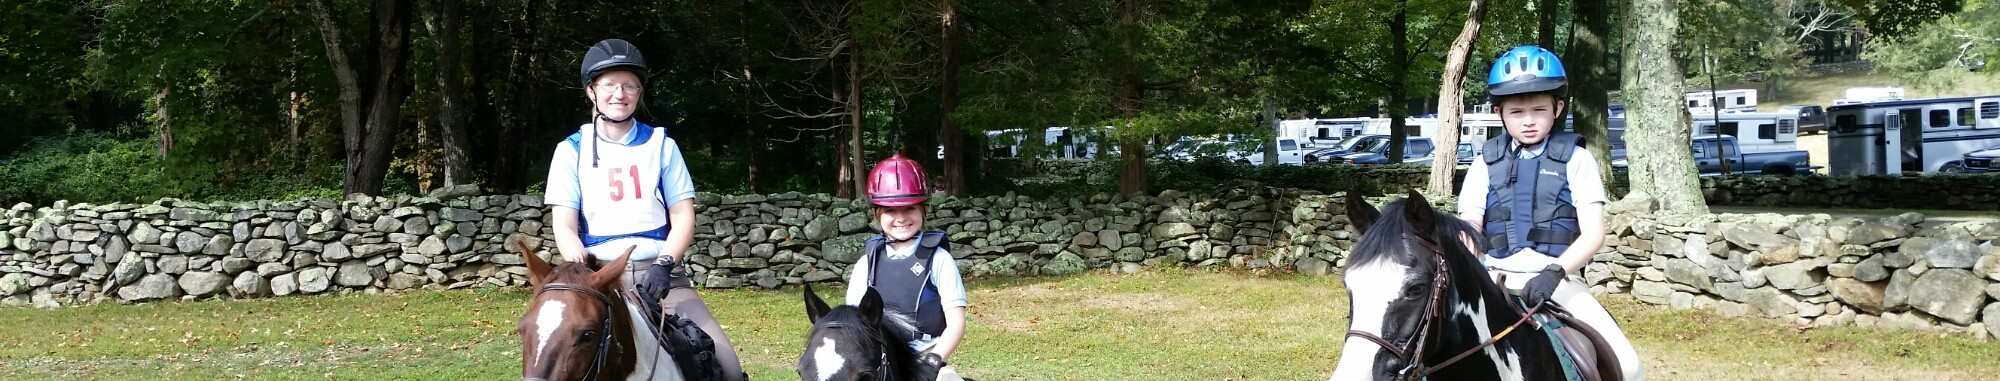 Sawyer Family Farm